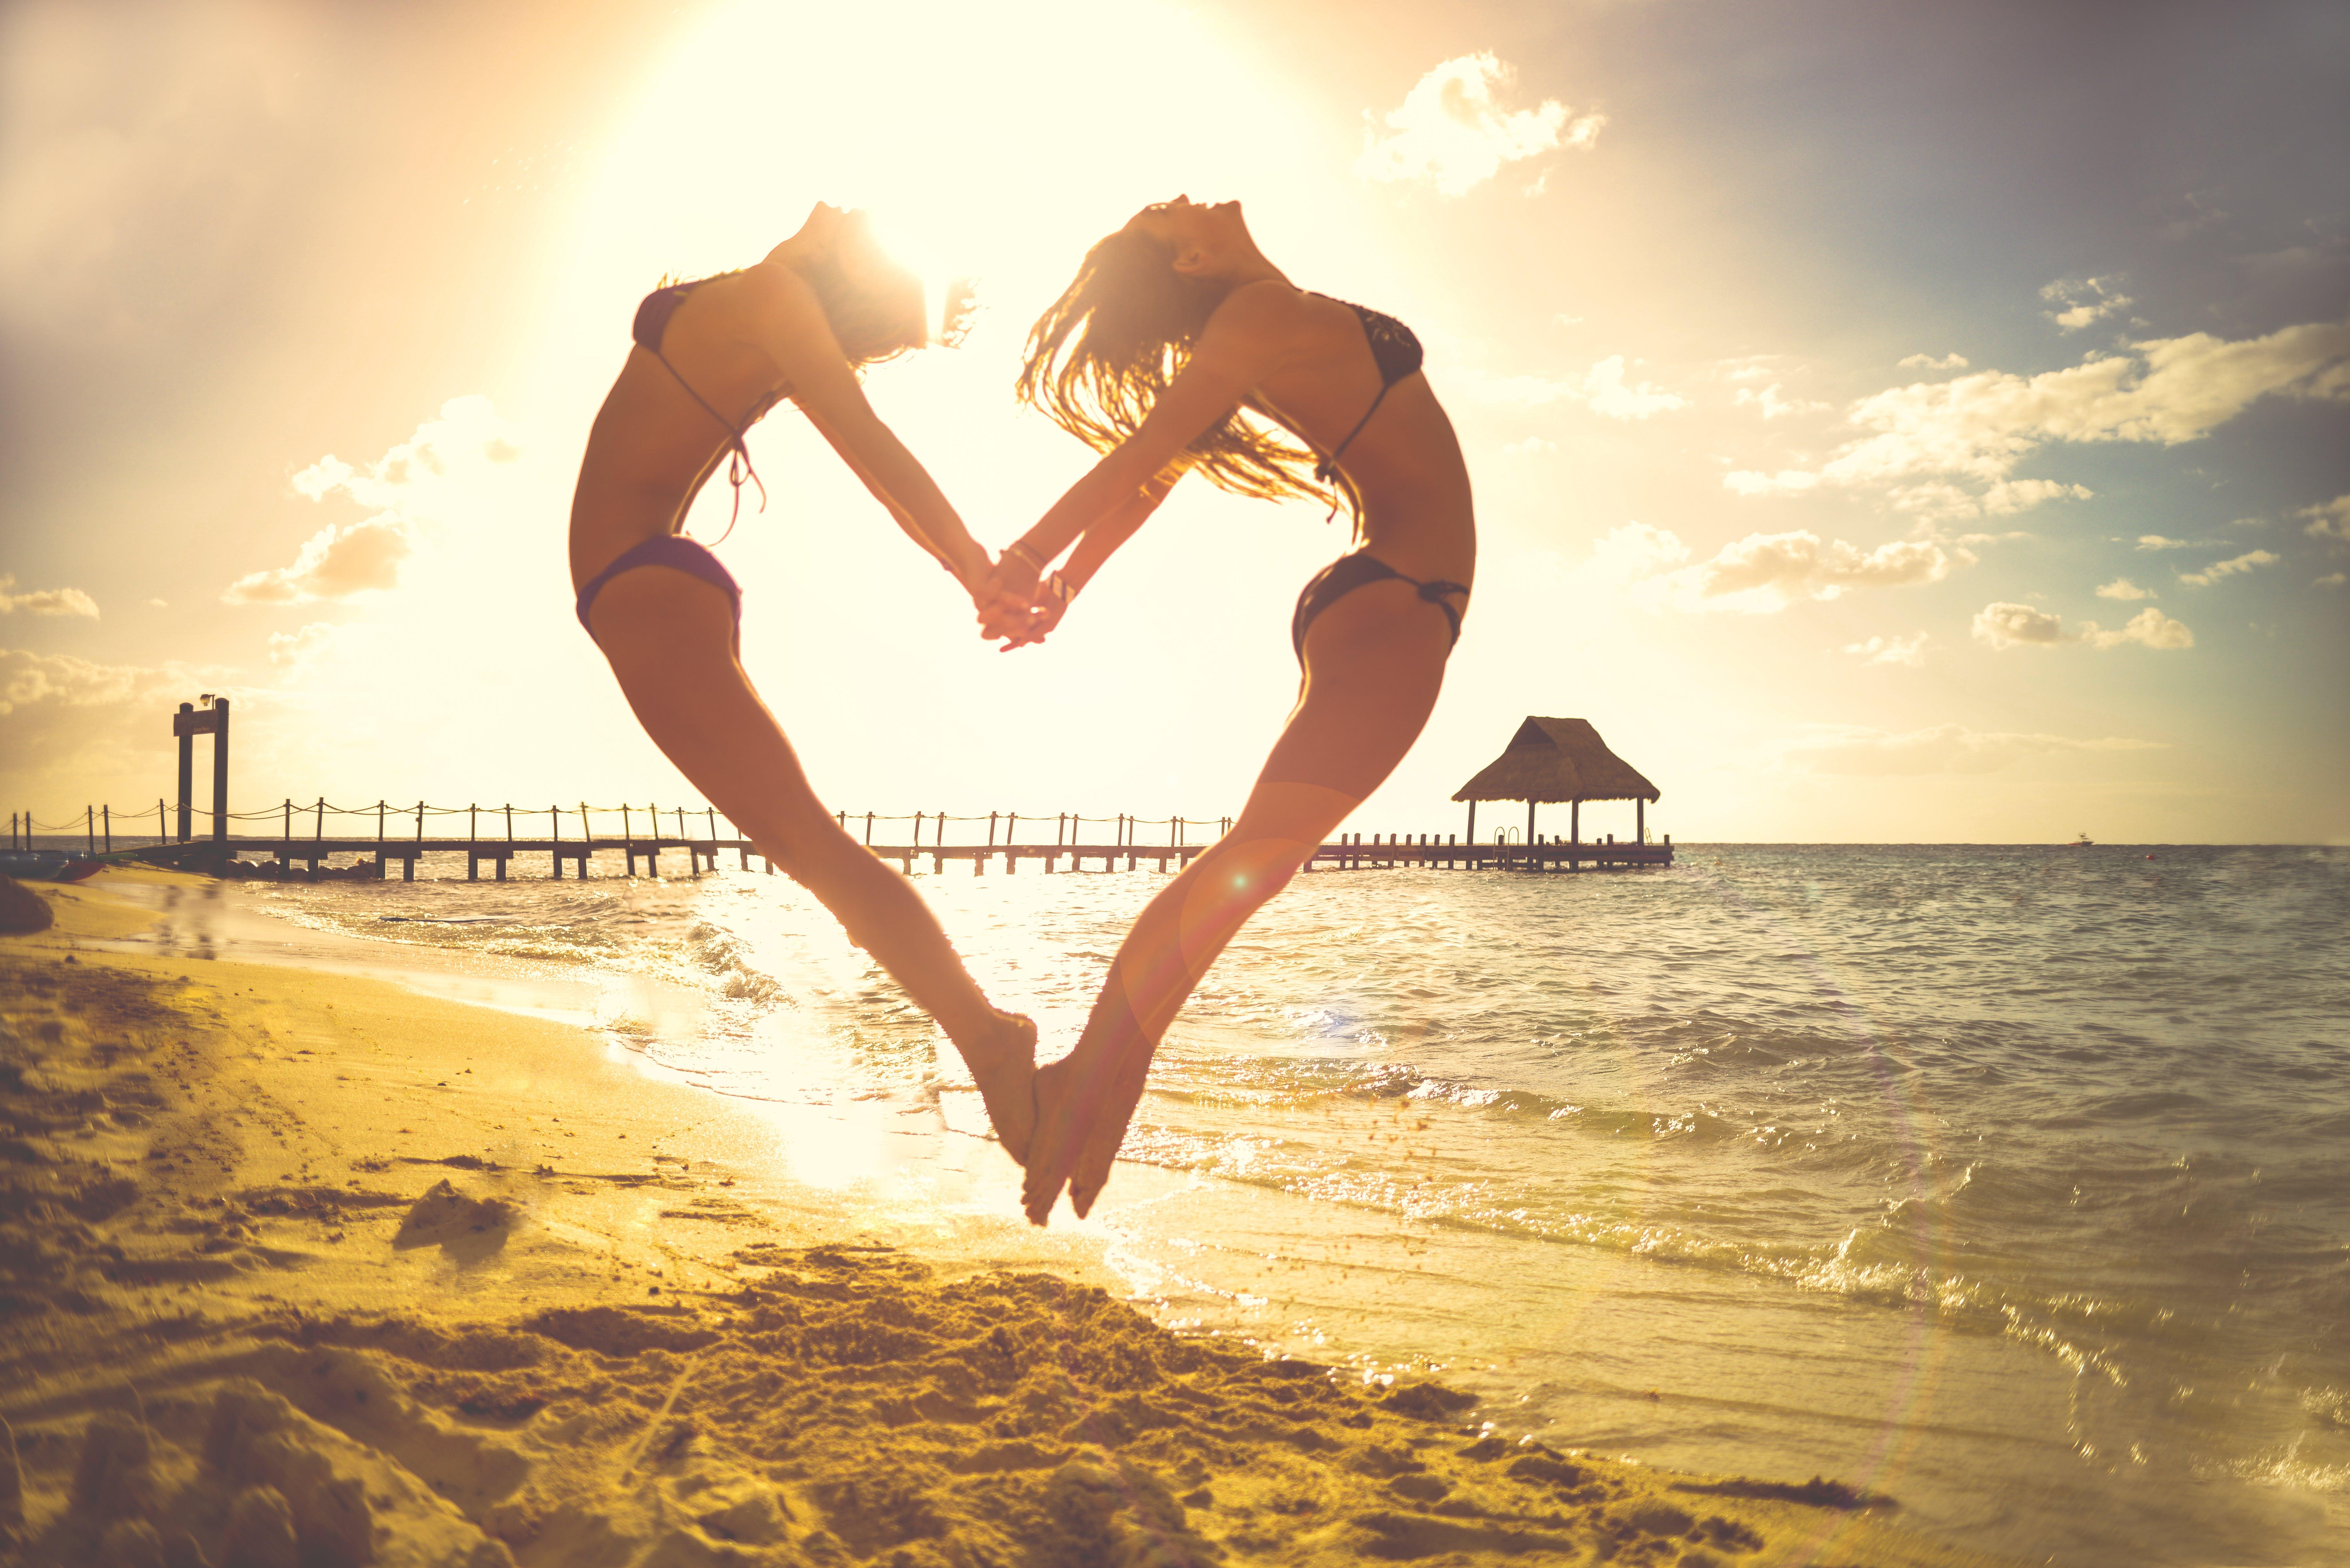 beach, beautiful, fun